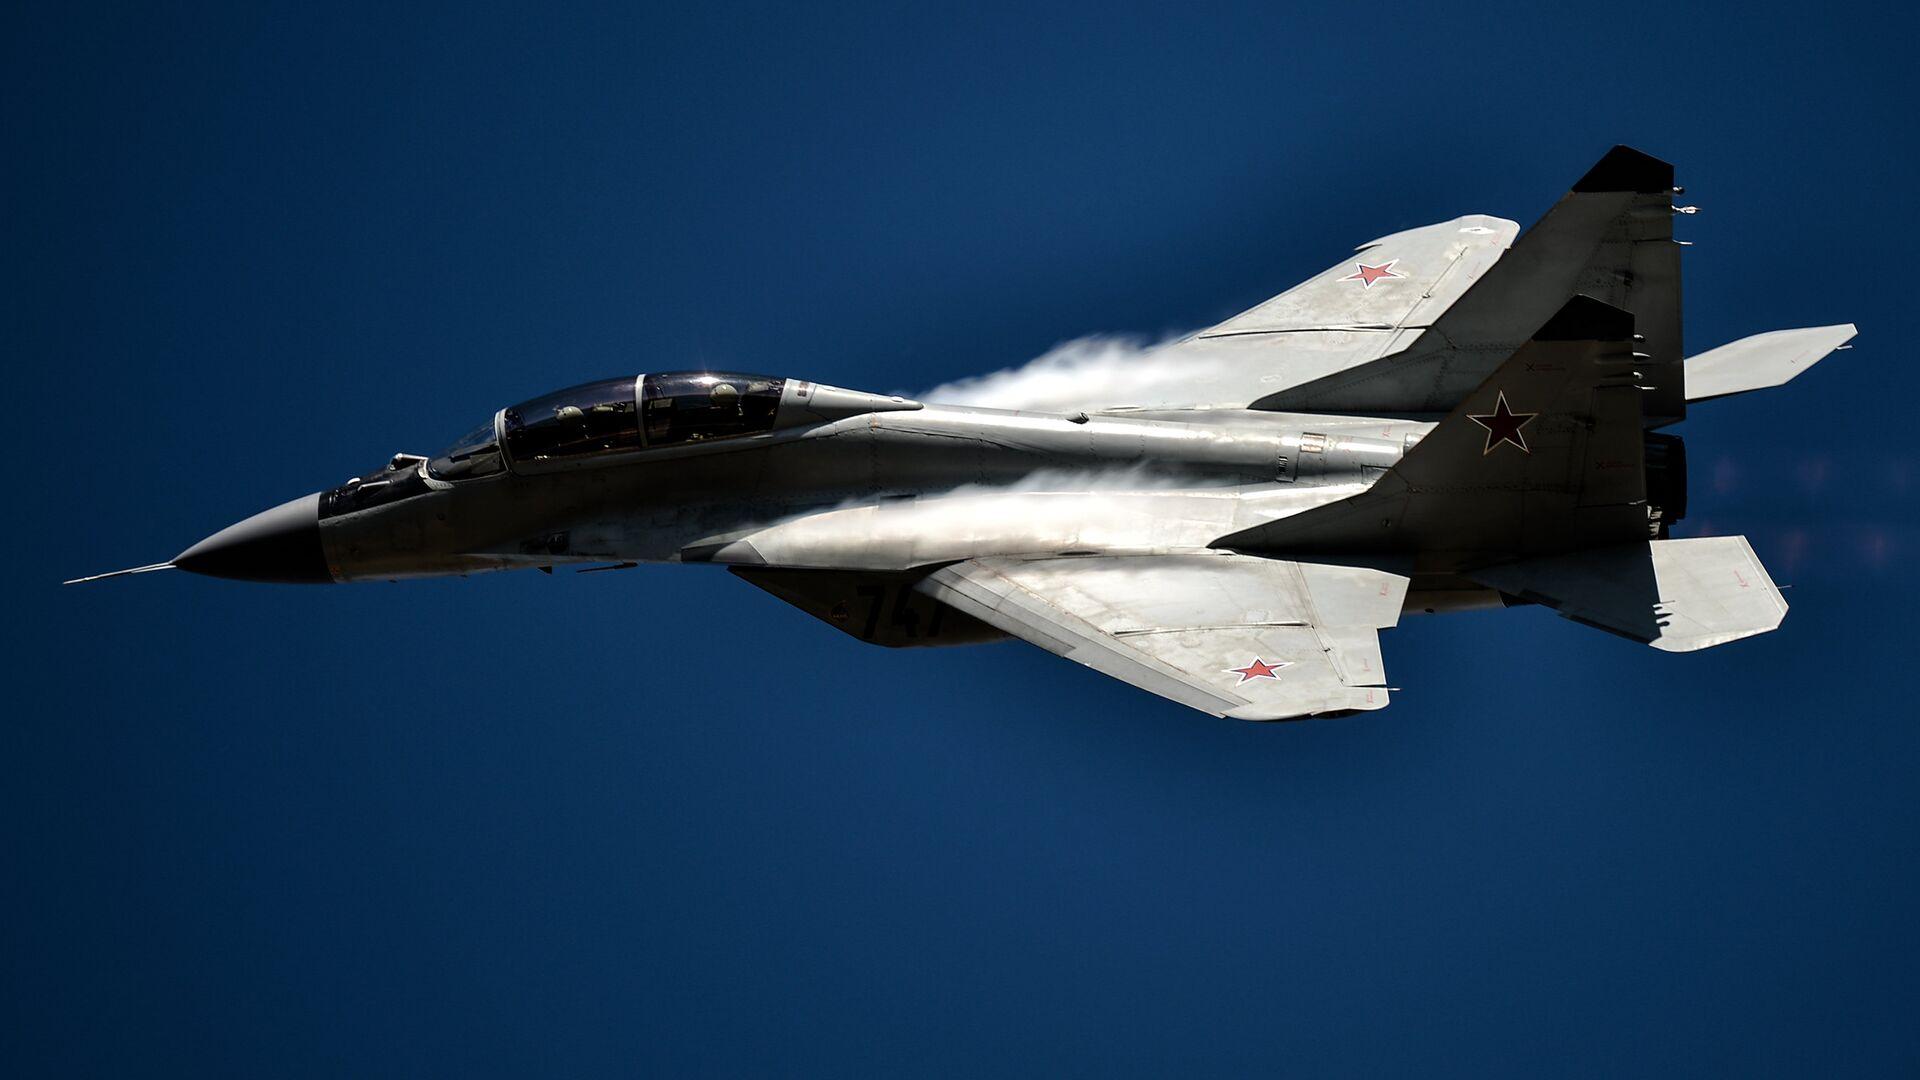 Avión de caza MiG-29 - Sputnik Mundo, 1920, 08.09.2021